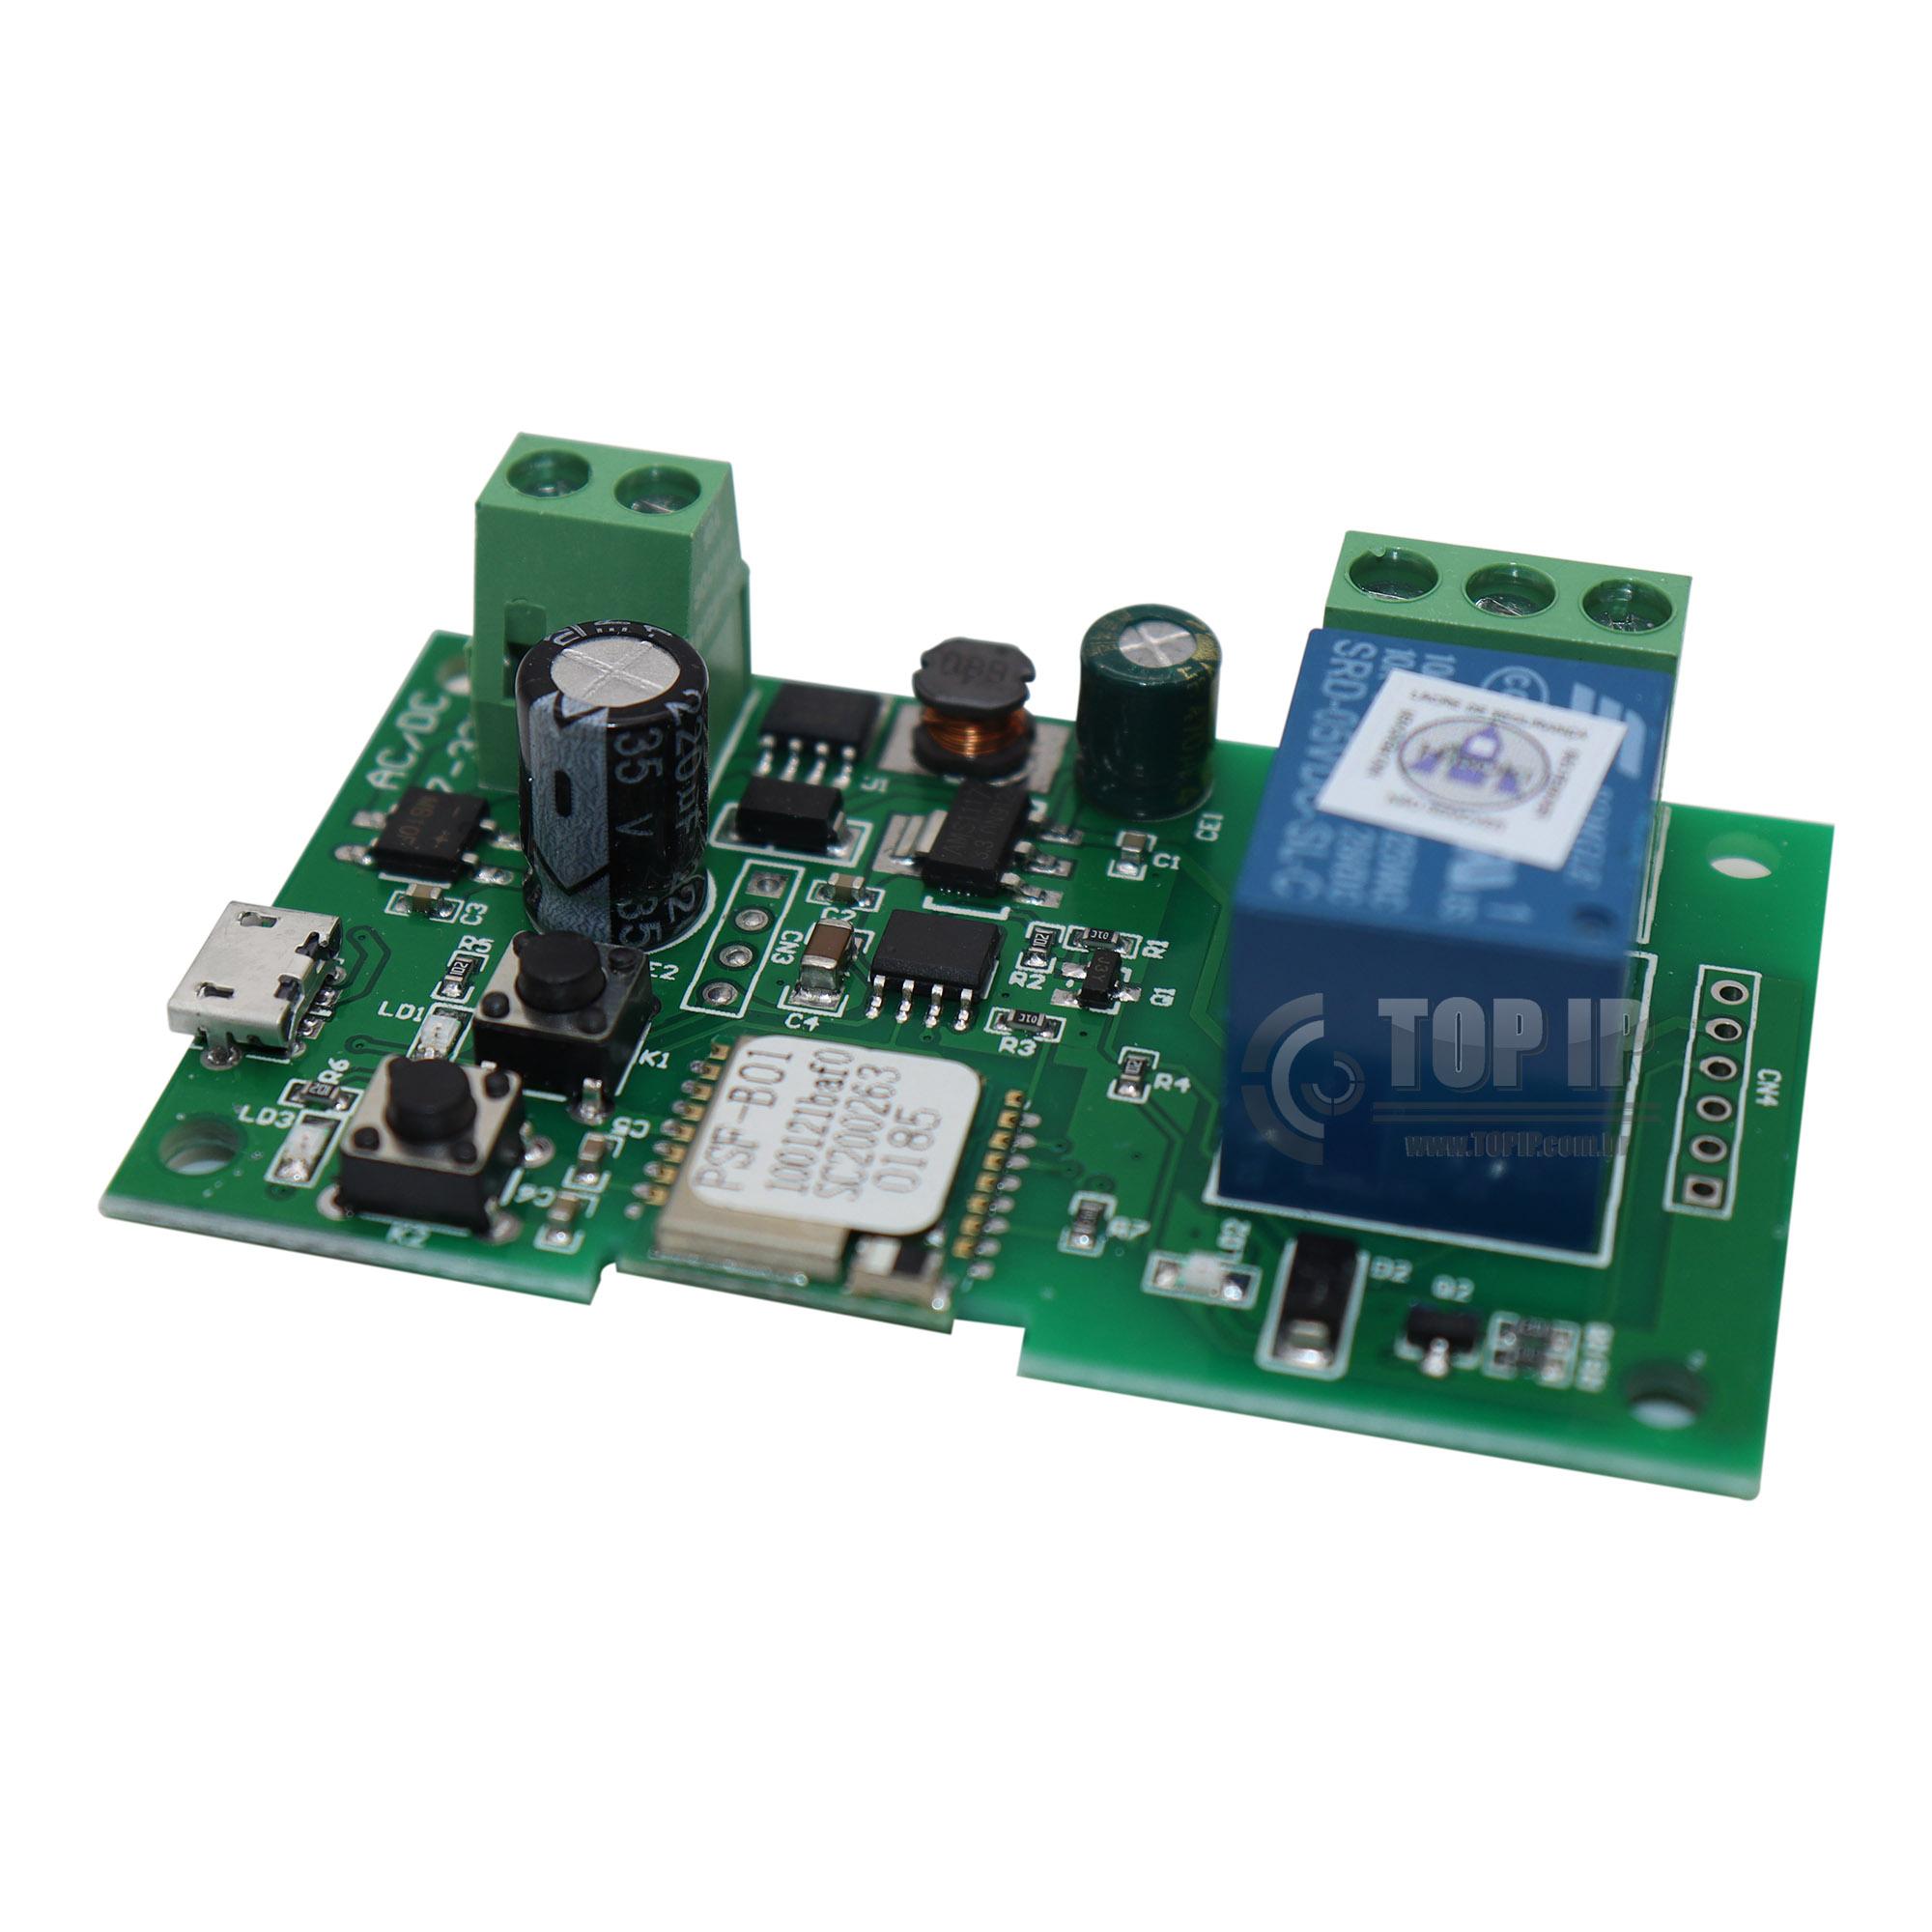 Sonoff Wi-Fi Módulo Relé DC 5V 12V 24V Função Pulso E Retenção